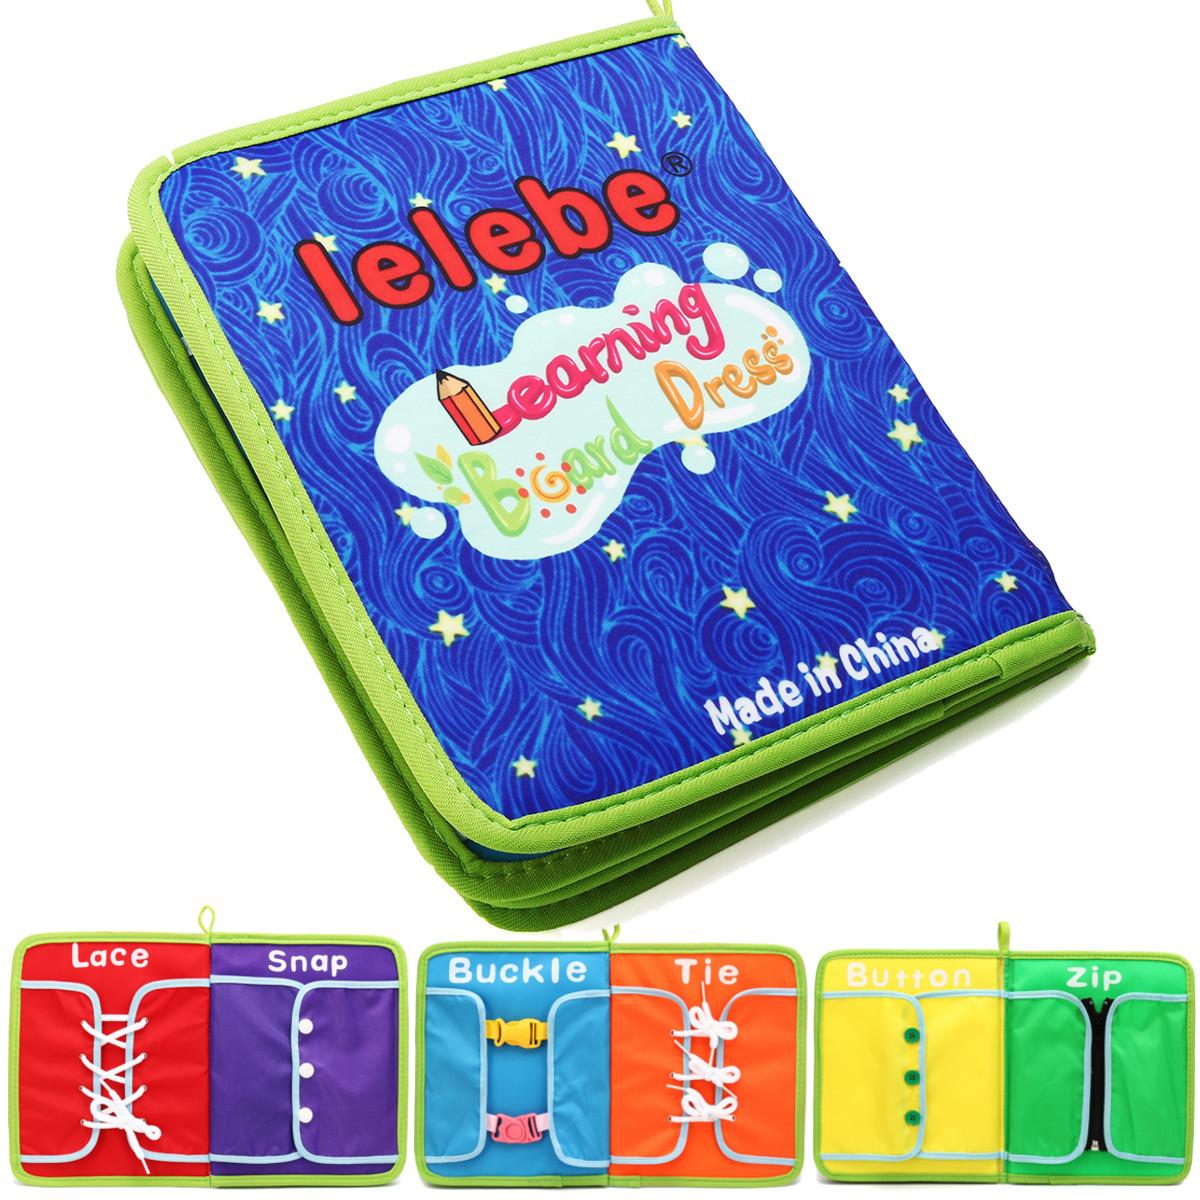 Montessori Learn Платье Доски Быстрая книга Раннее обучение Основные жизненные навыки Игрушки - 1TopShop